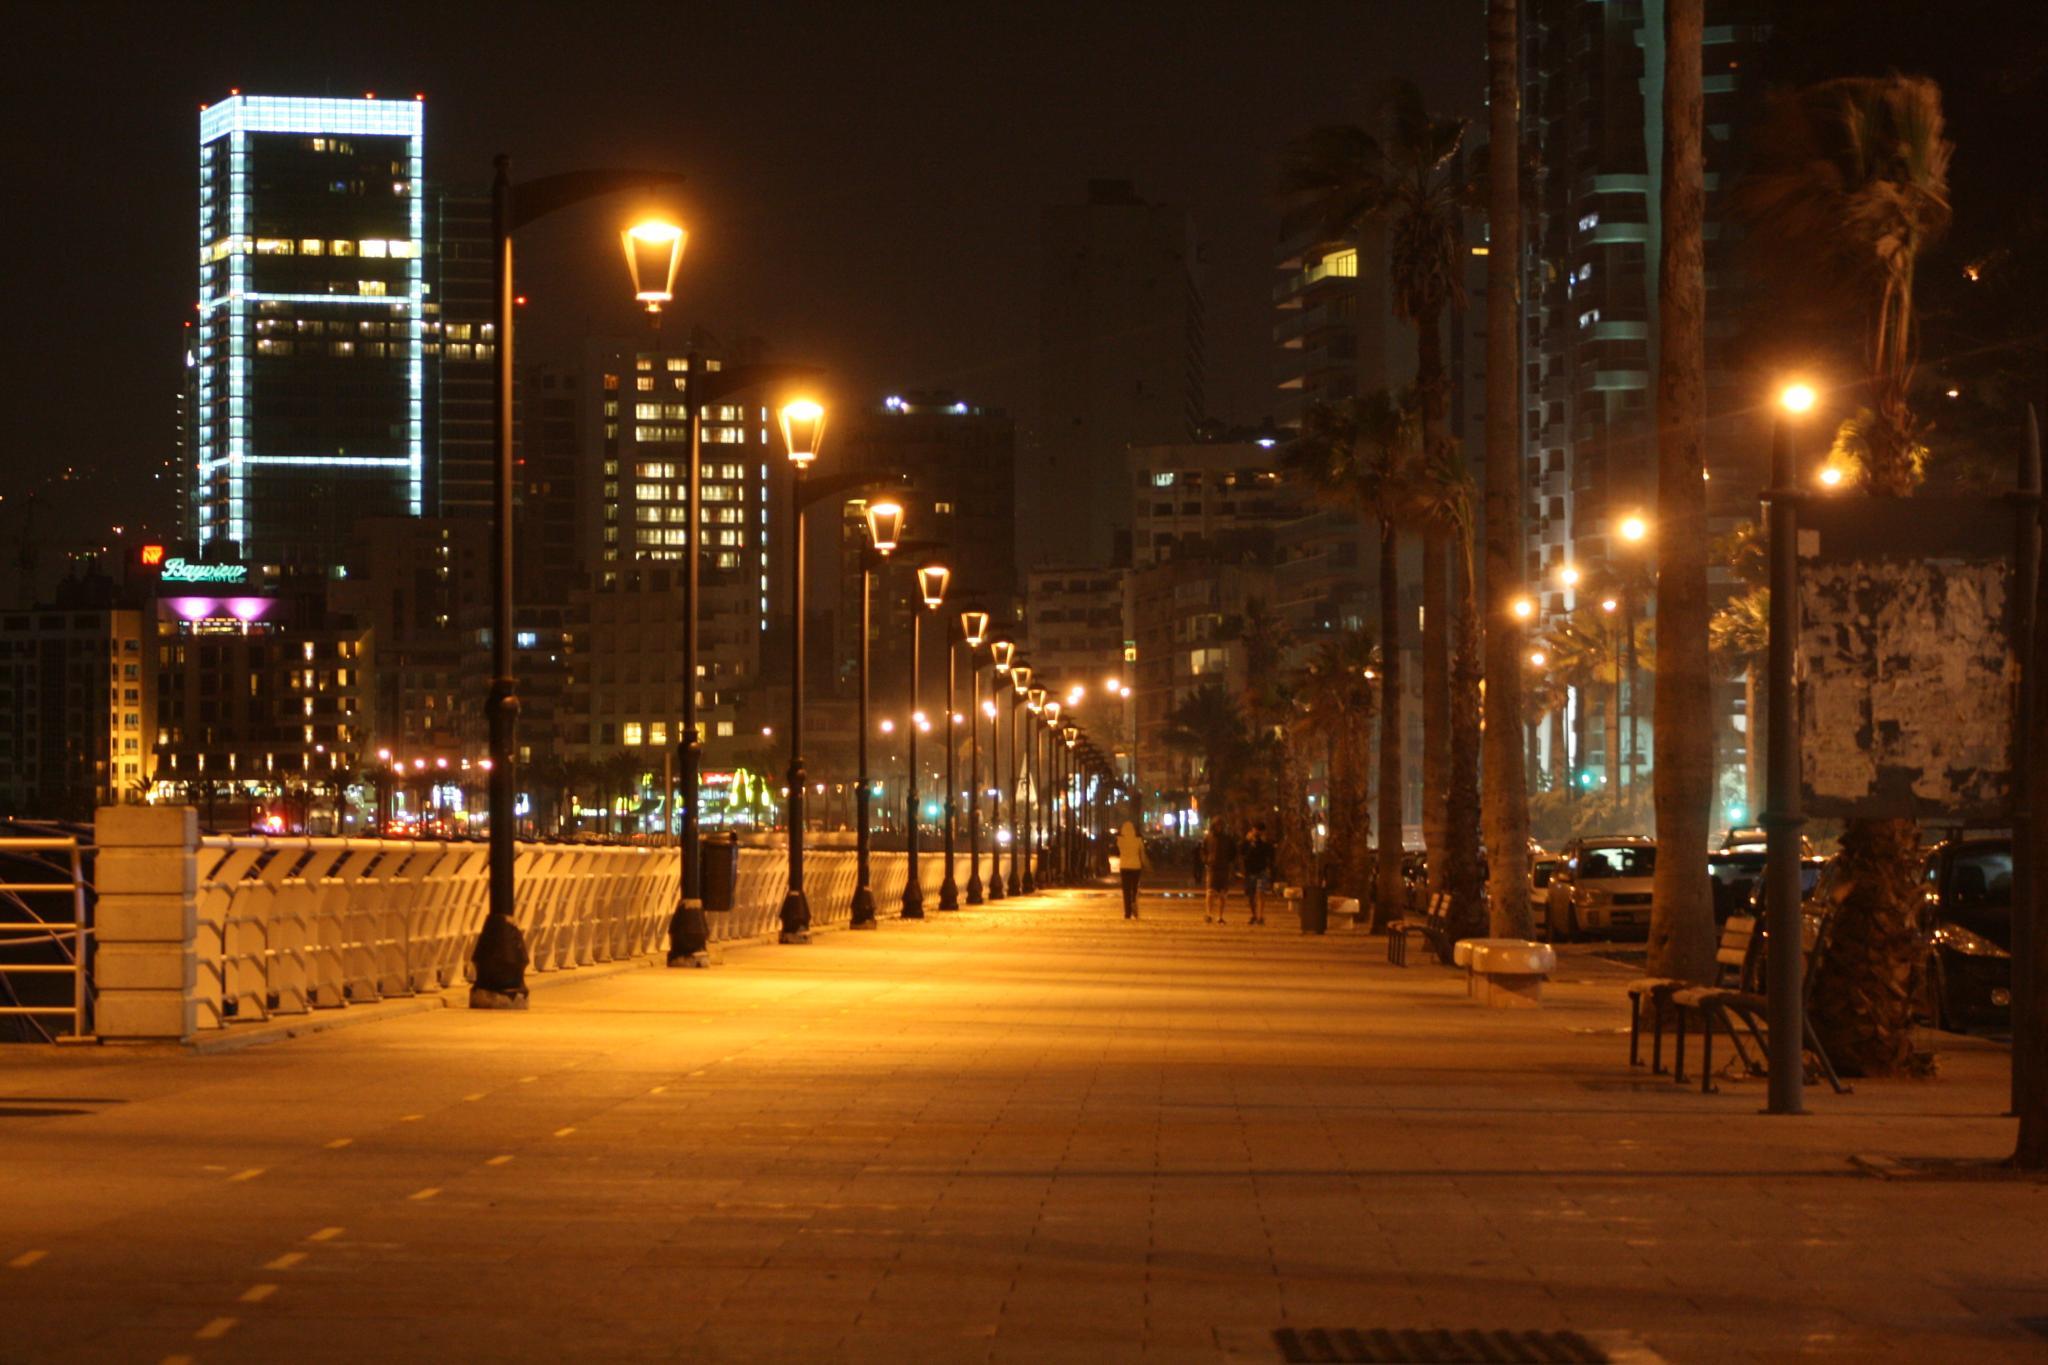 Manara #Beirut #Lebanon by Samir Zreika